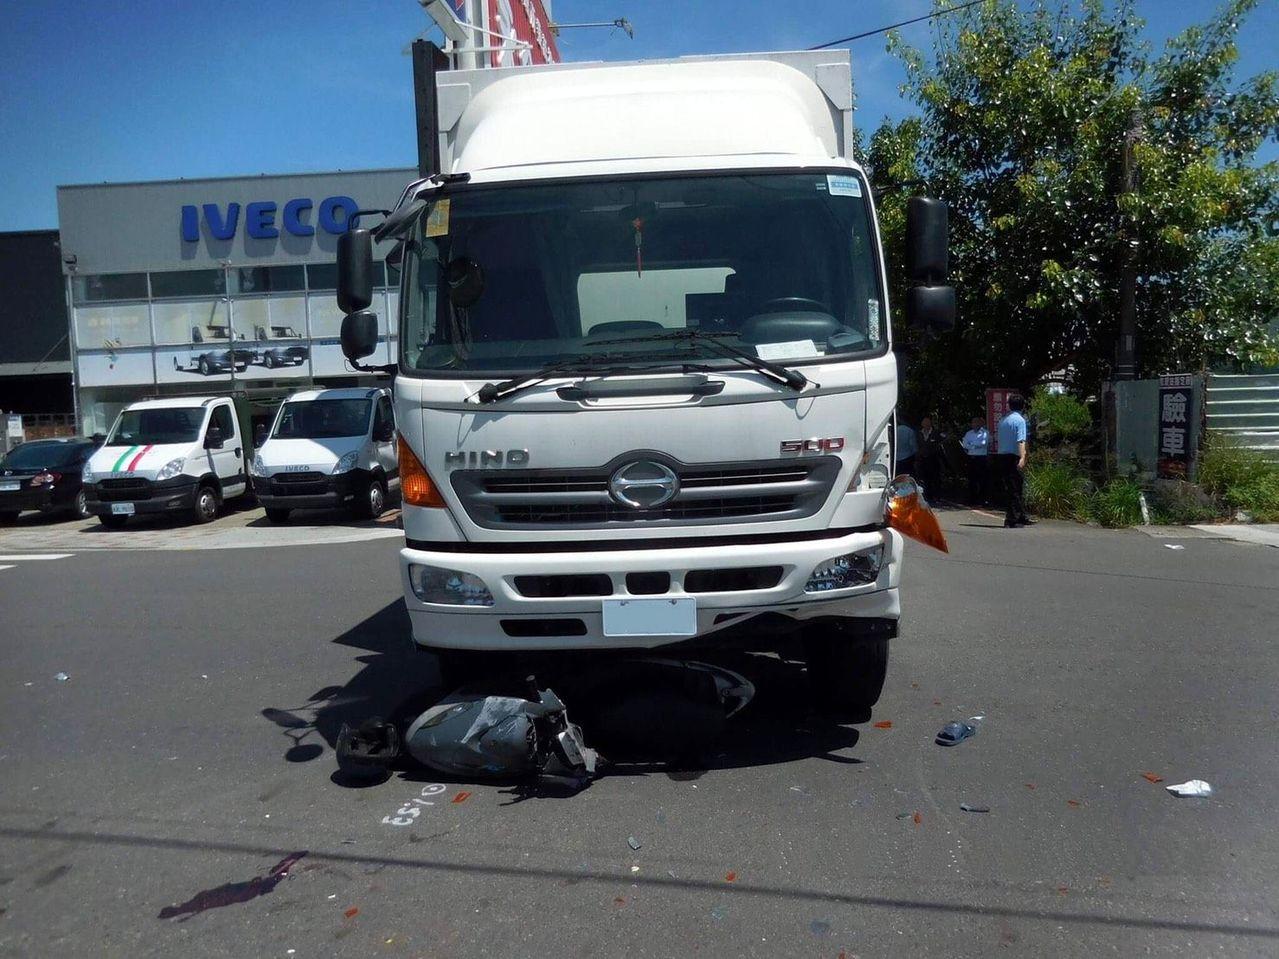 台南市本周已接連發生5件死亡交通事故,其中有2件機車騎士與大貨車發生事故。記者邵...